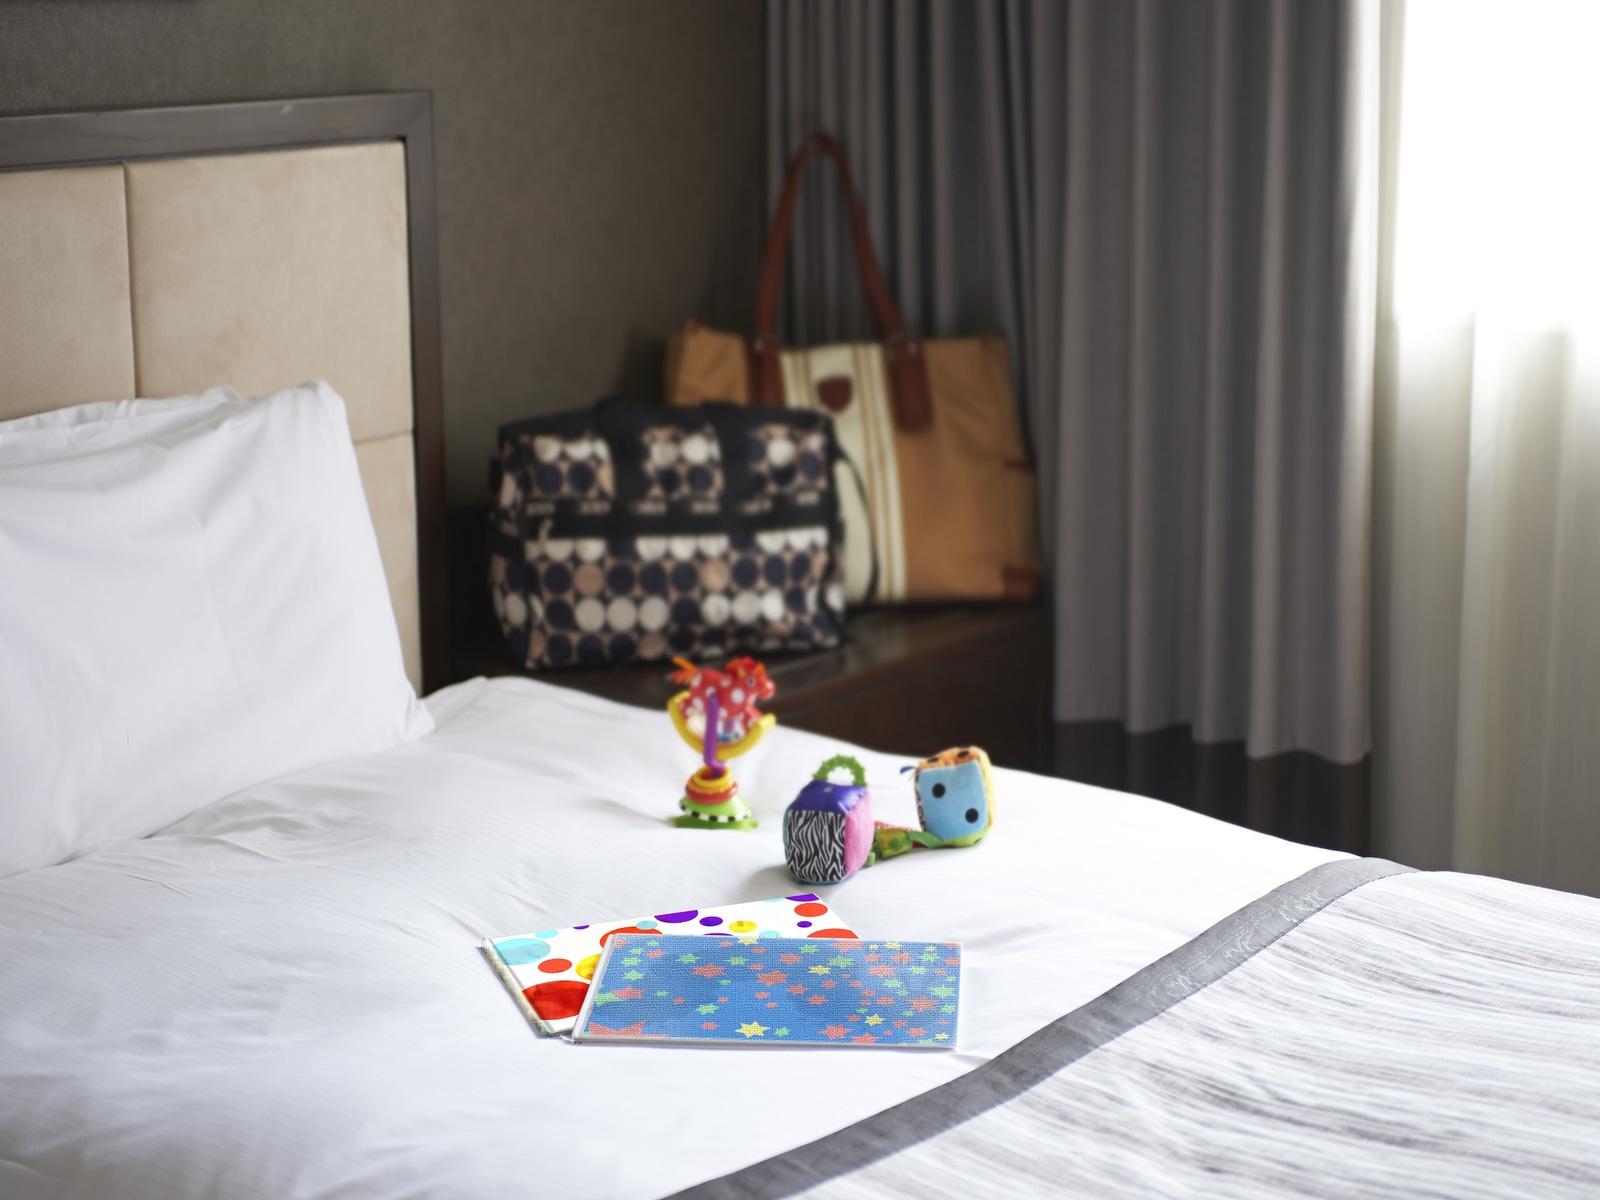 ホテルサンルートプラザ新宿 / 【2名以上のご宿泊にオススメ】のんびり12時レイトチェックアウトプラン<朝食付き>